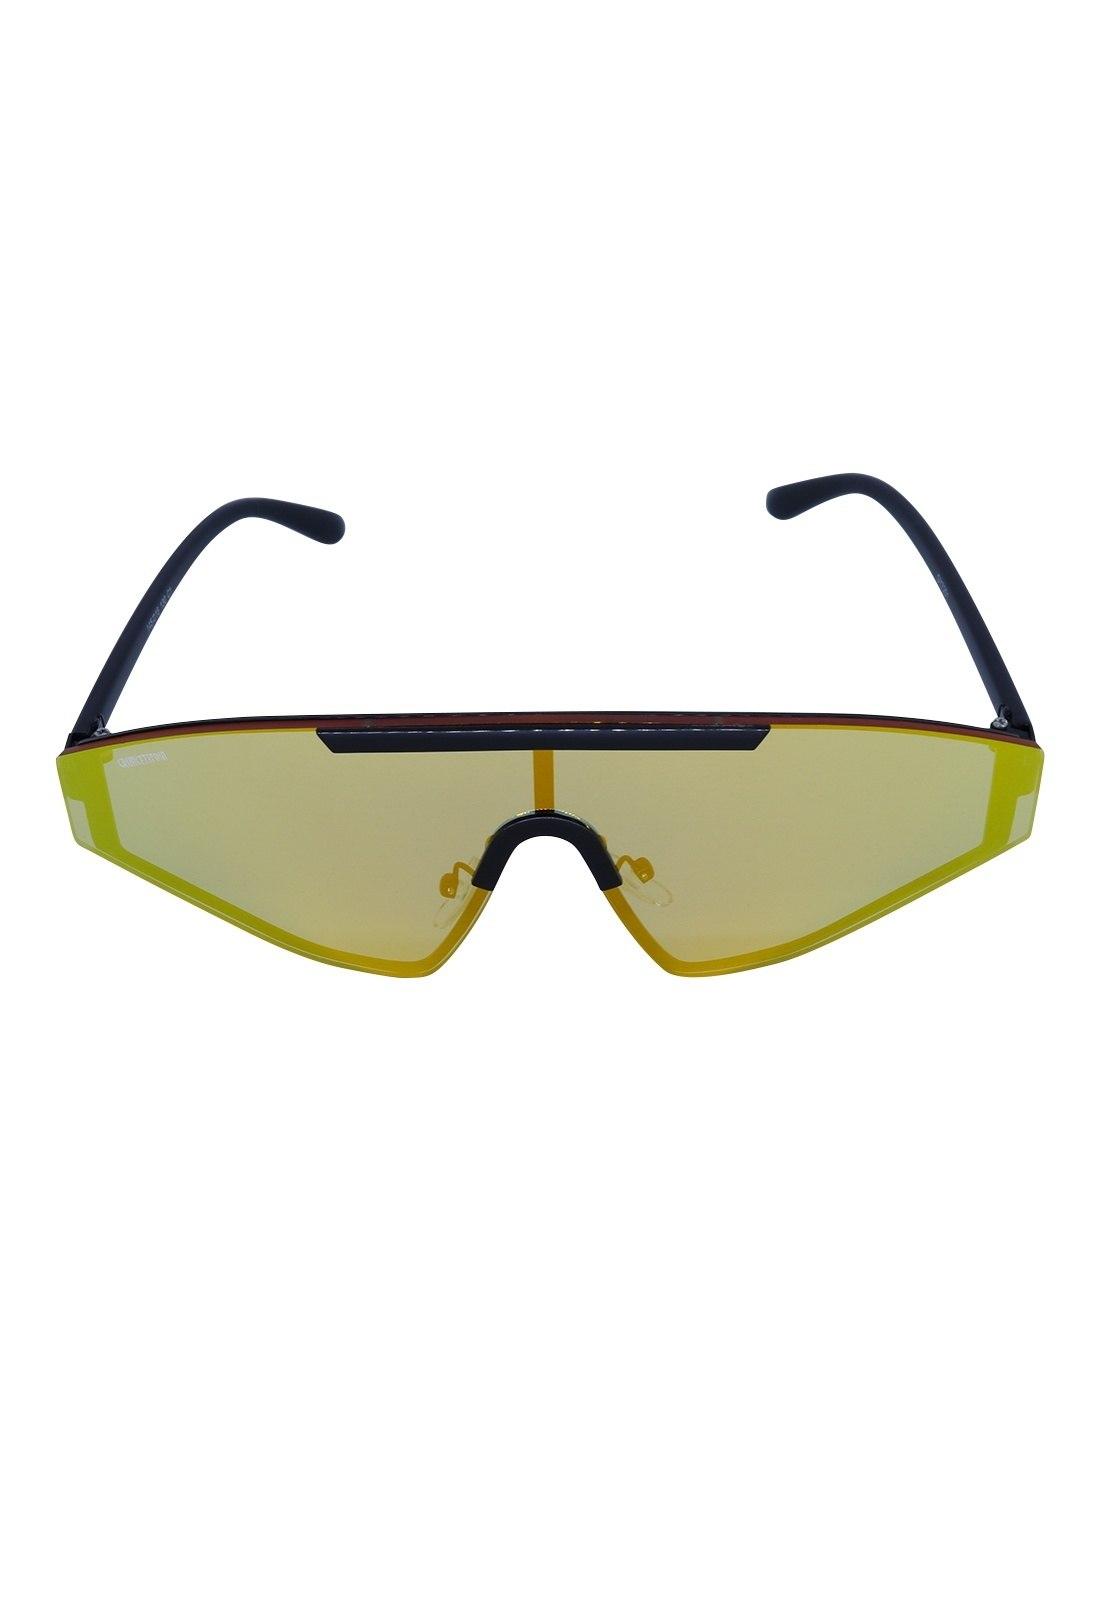 Óculos de Sol Grungetteria Glacial Amarelo